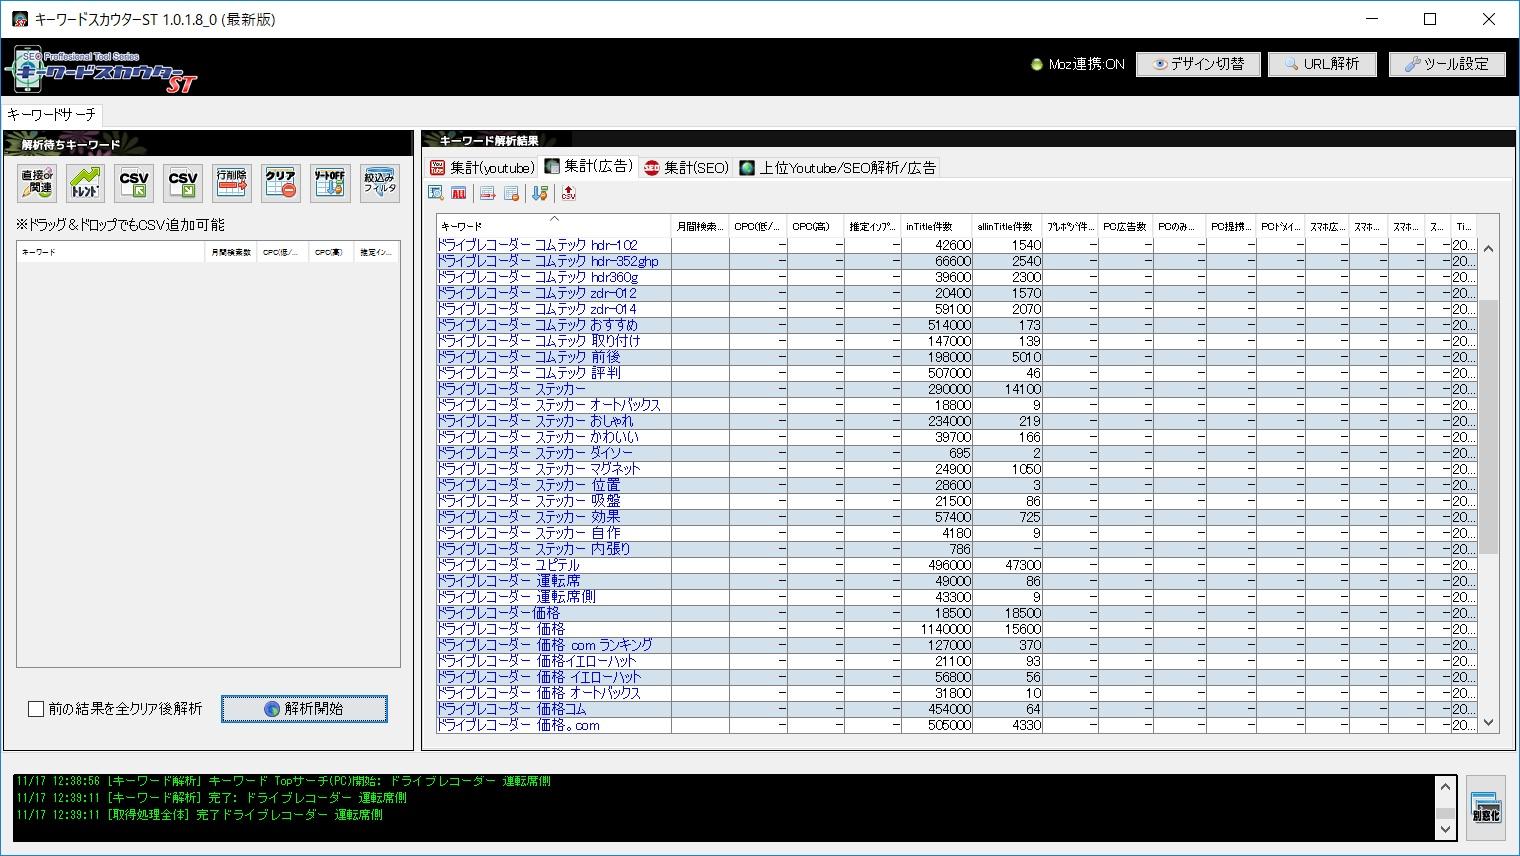 ドライブレコーダーの関連キーワード解析結果